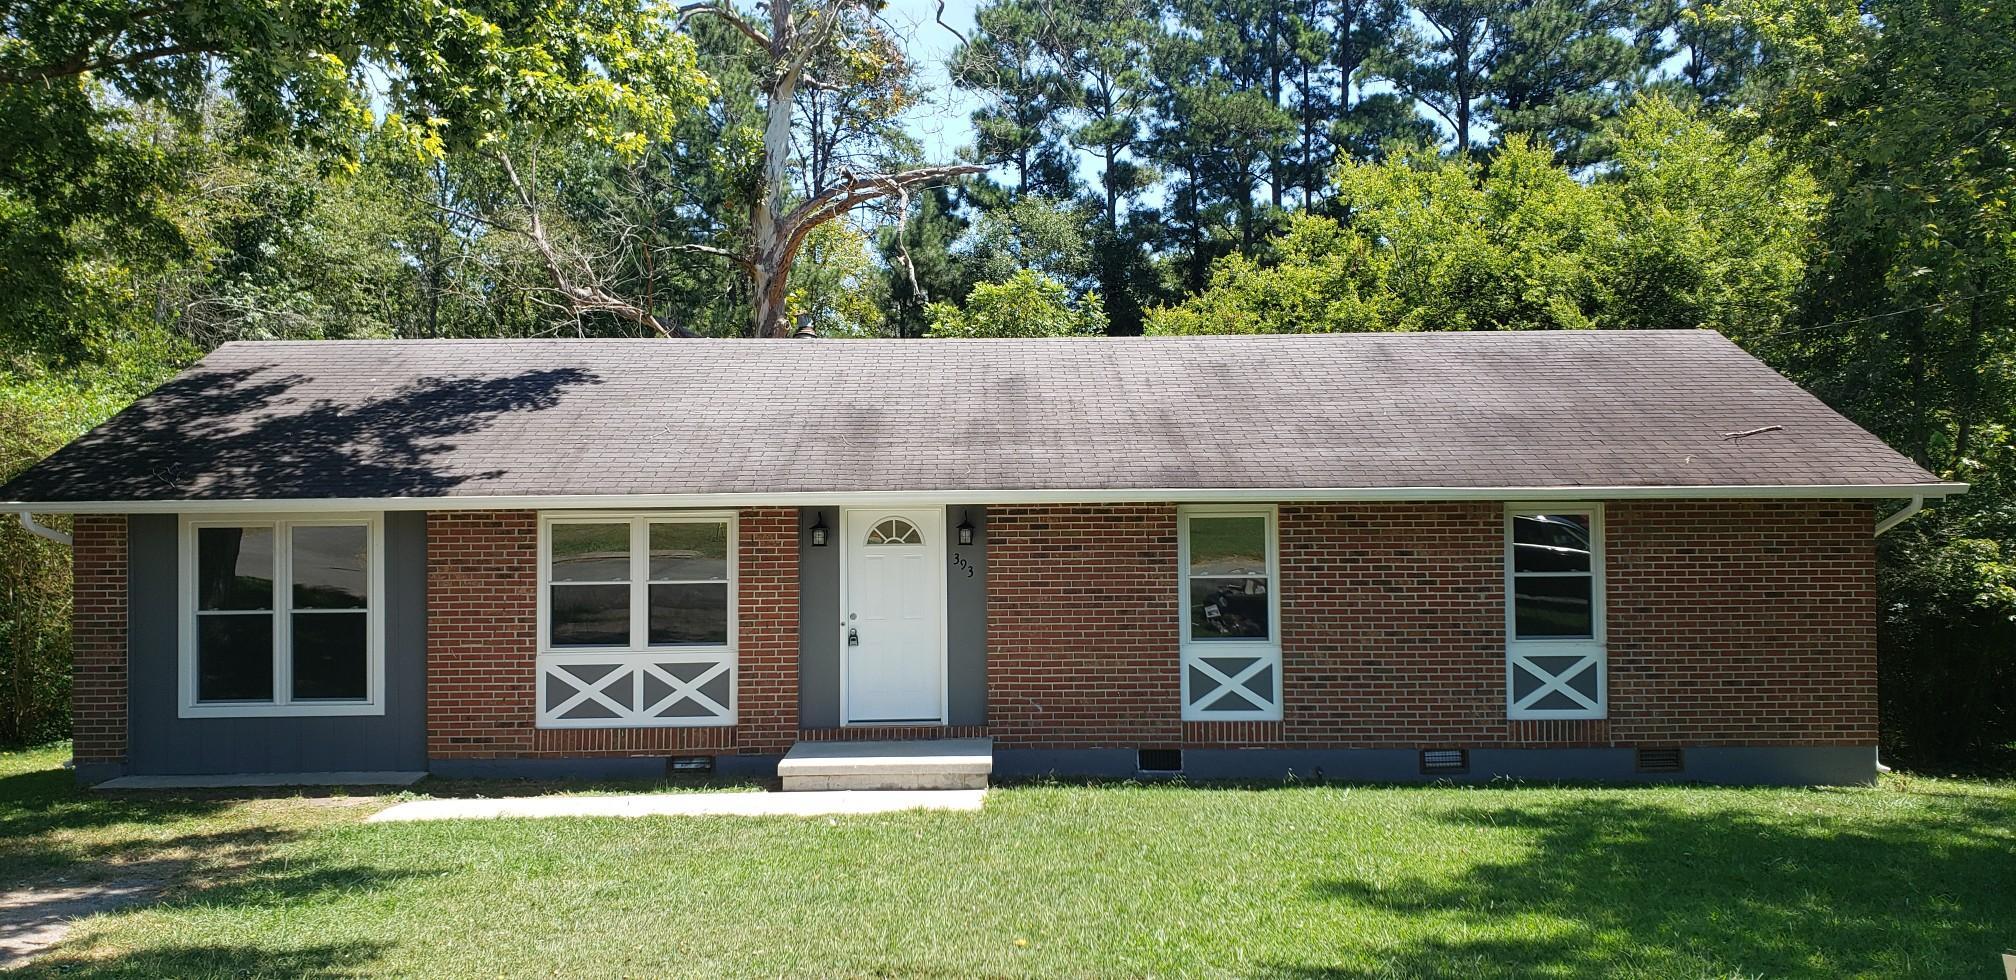 393 Wisteria Rd, Lafayette, GA 30728